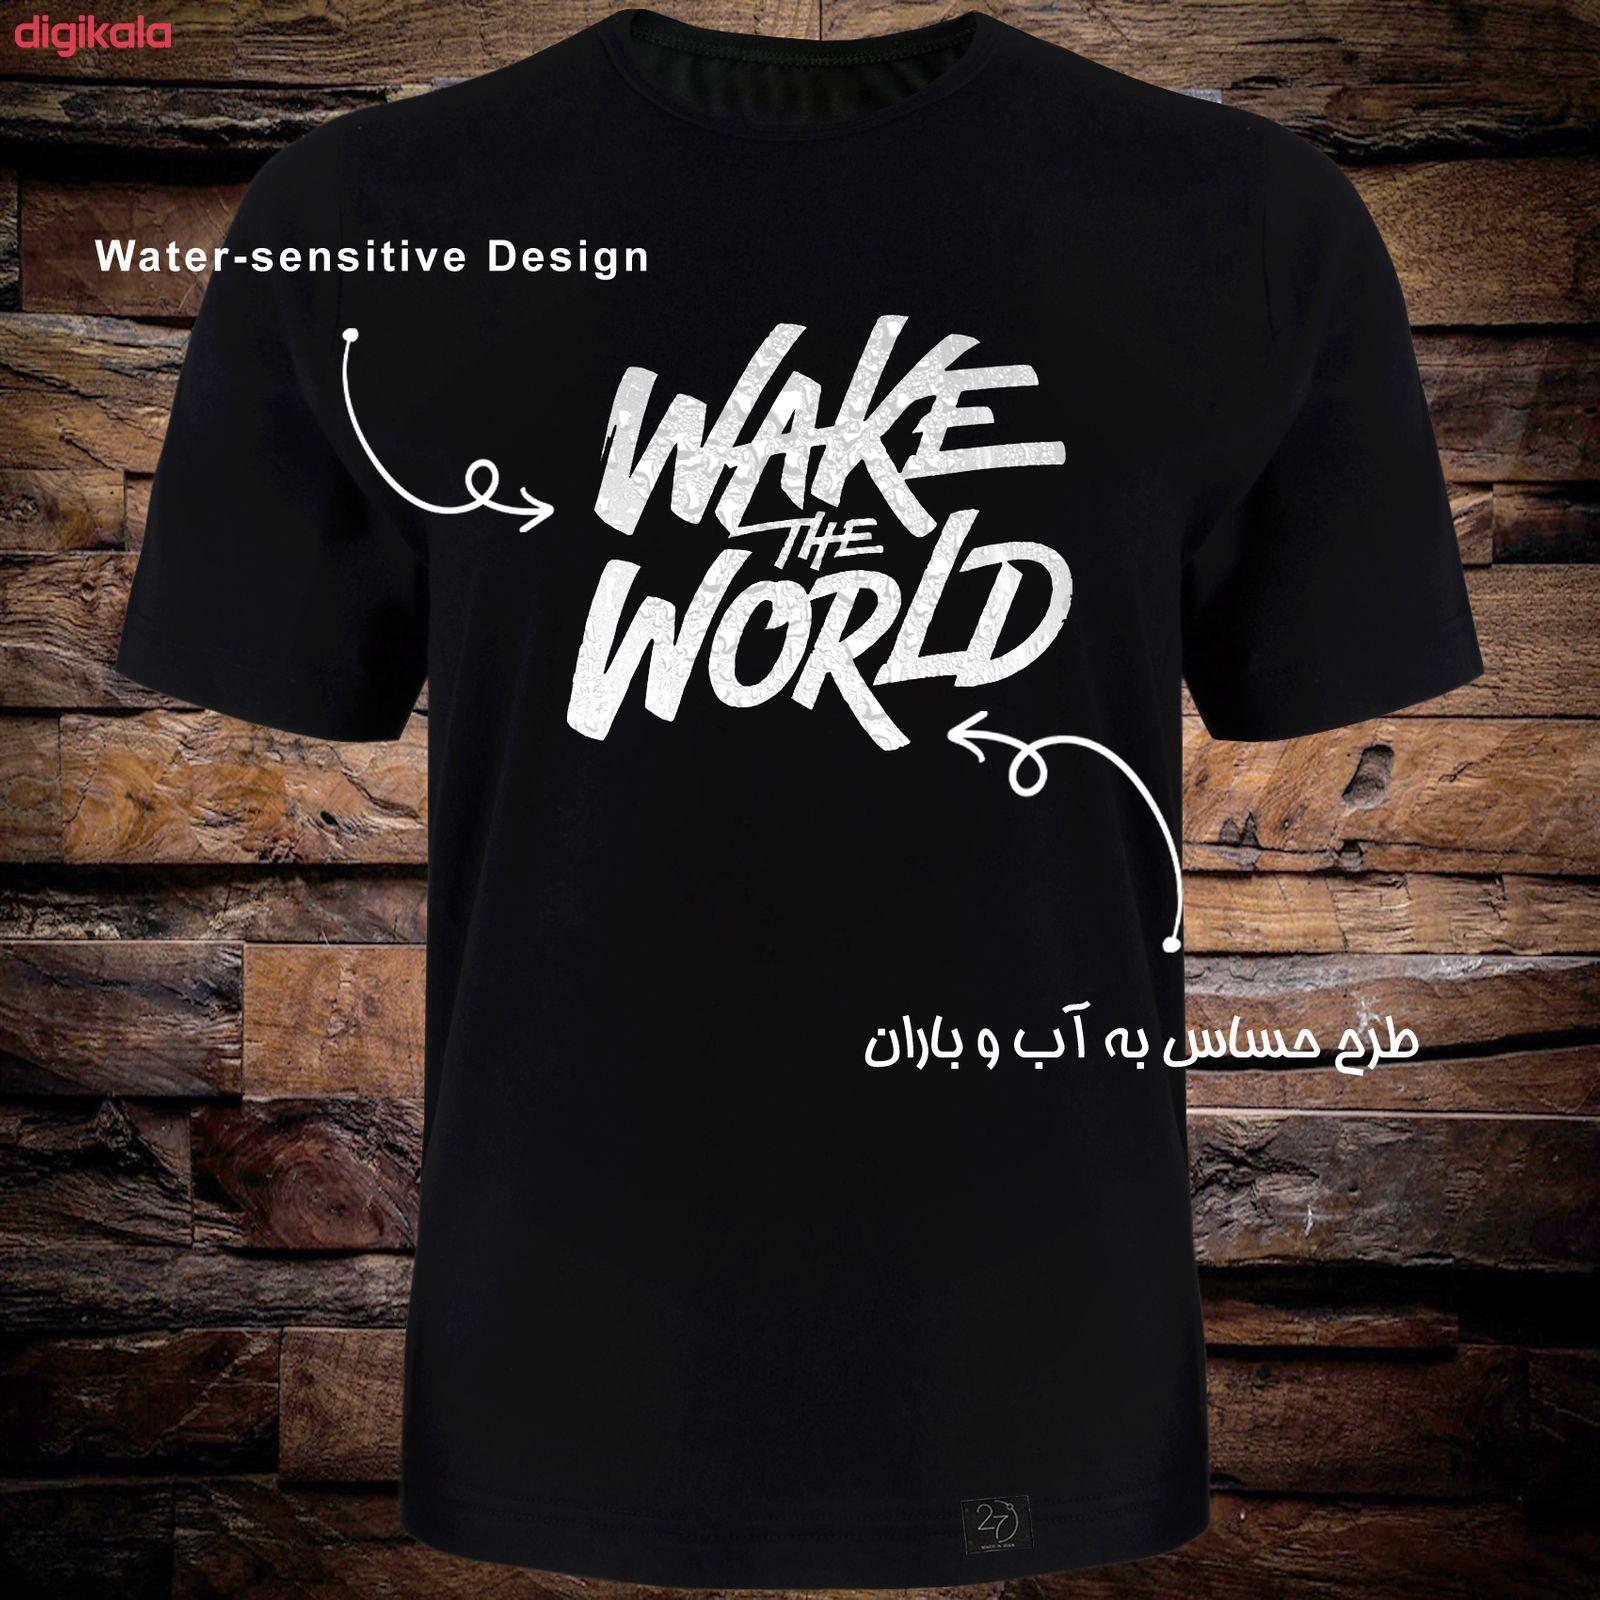 تی شرت آستین کوتاه مردانه 27 طرح World کد TR02 رنگ مشکی main 1 2